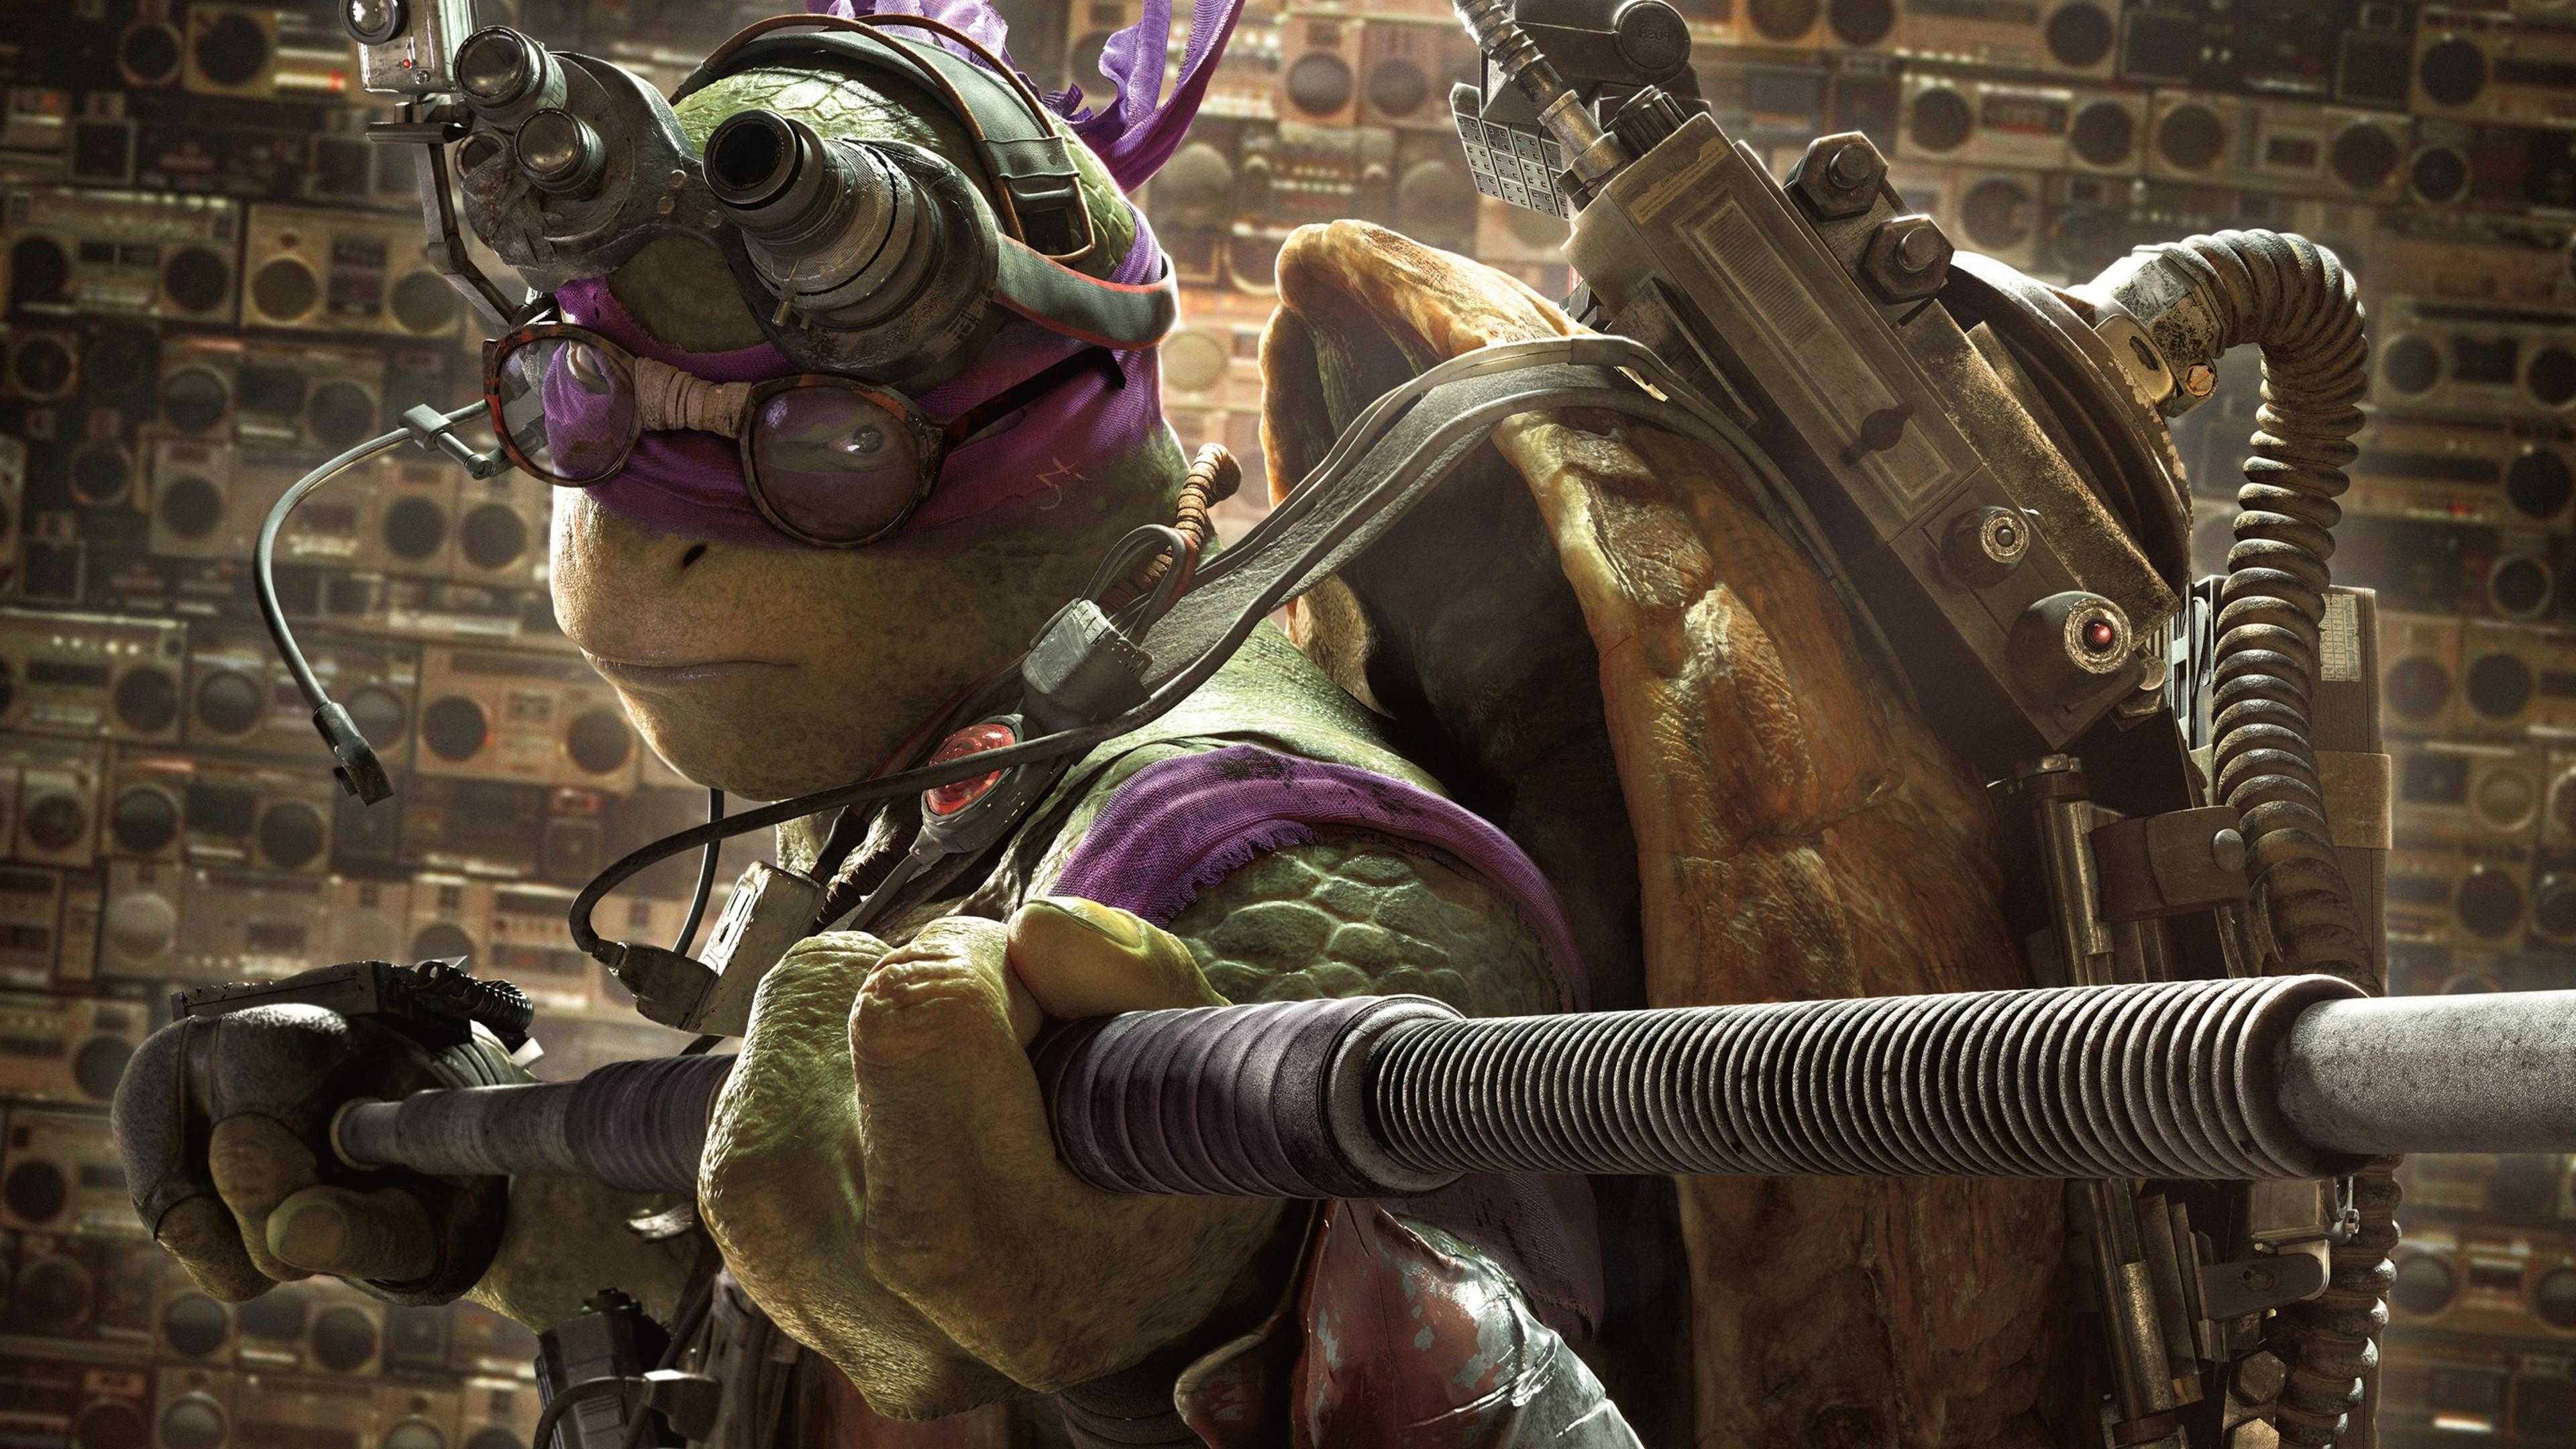 Donnie In Teenage Mutant Ninja Turtles, HD Movies, 4k